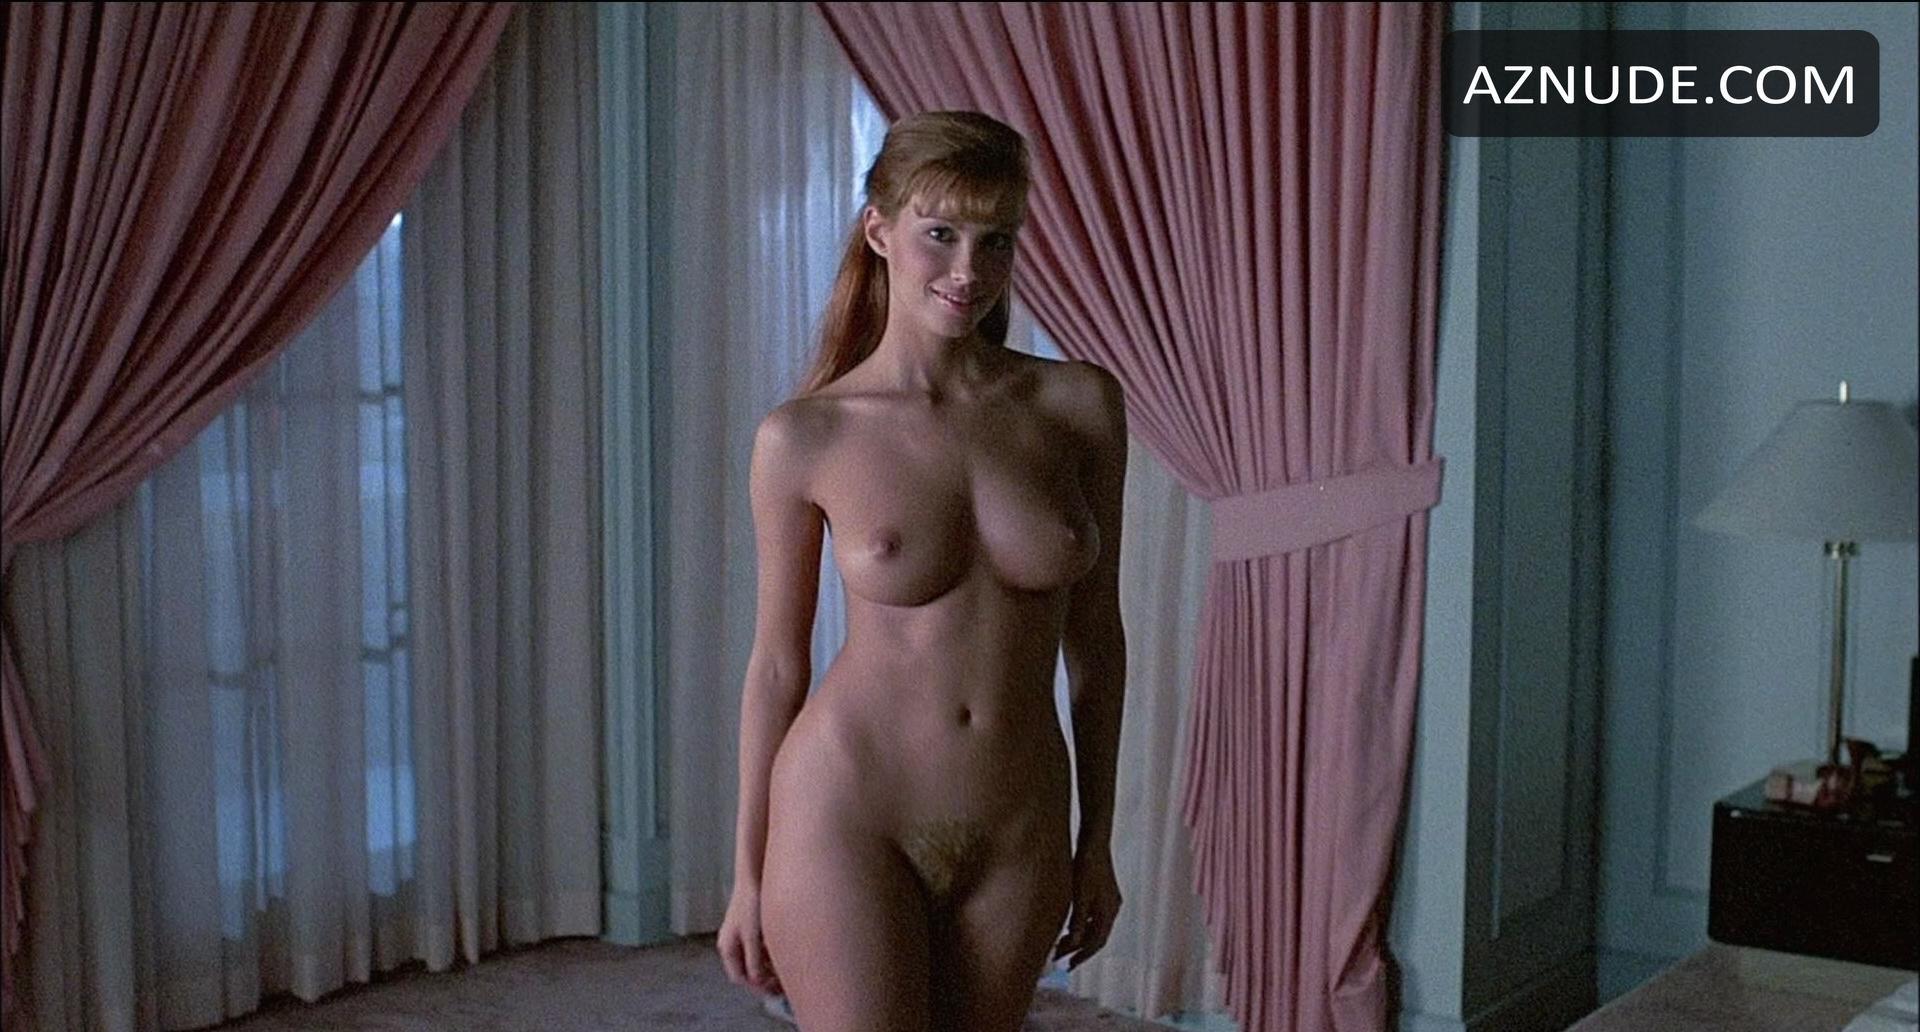 Nude bachelorette party sex